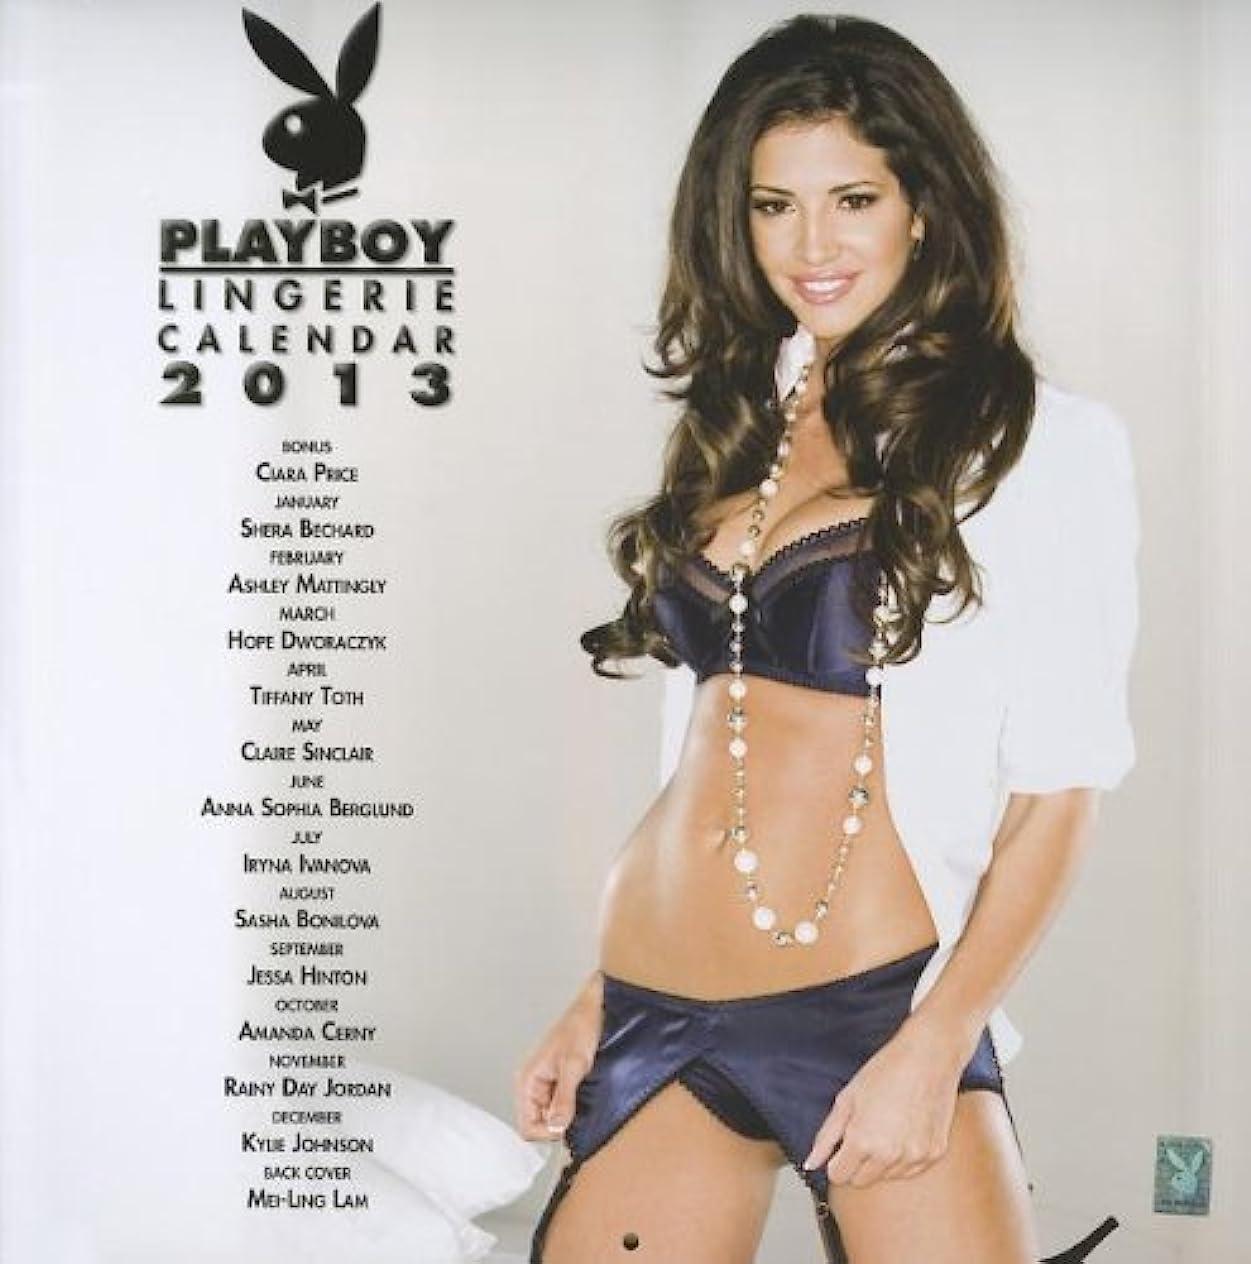 コンセンサス捕虜研究所Playboy Lingerie Calendar 2013